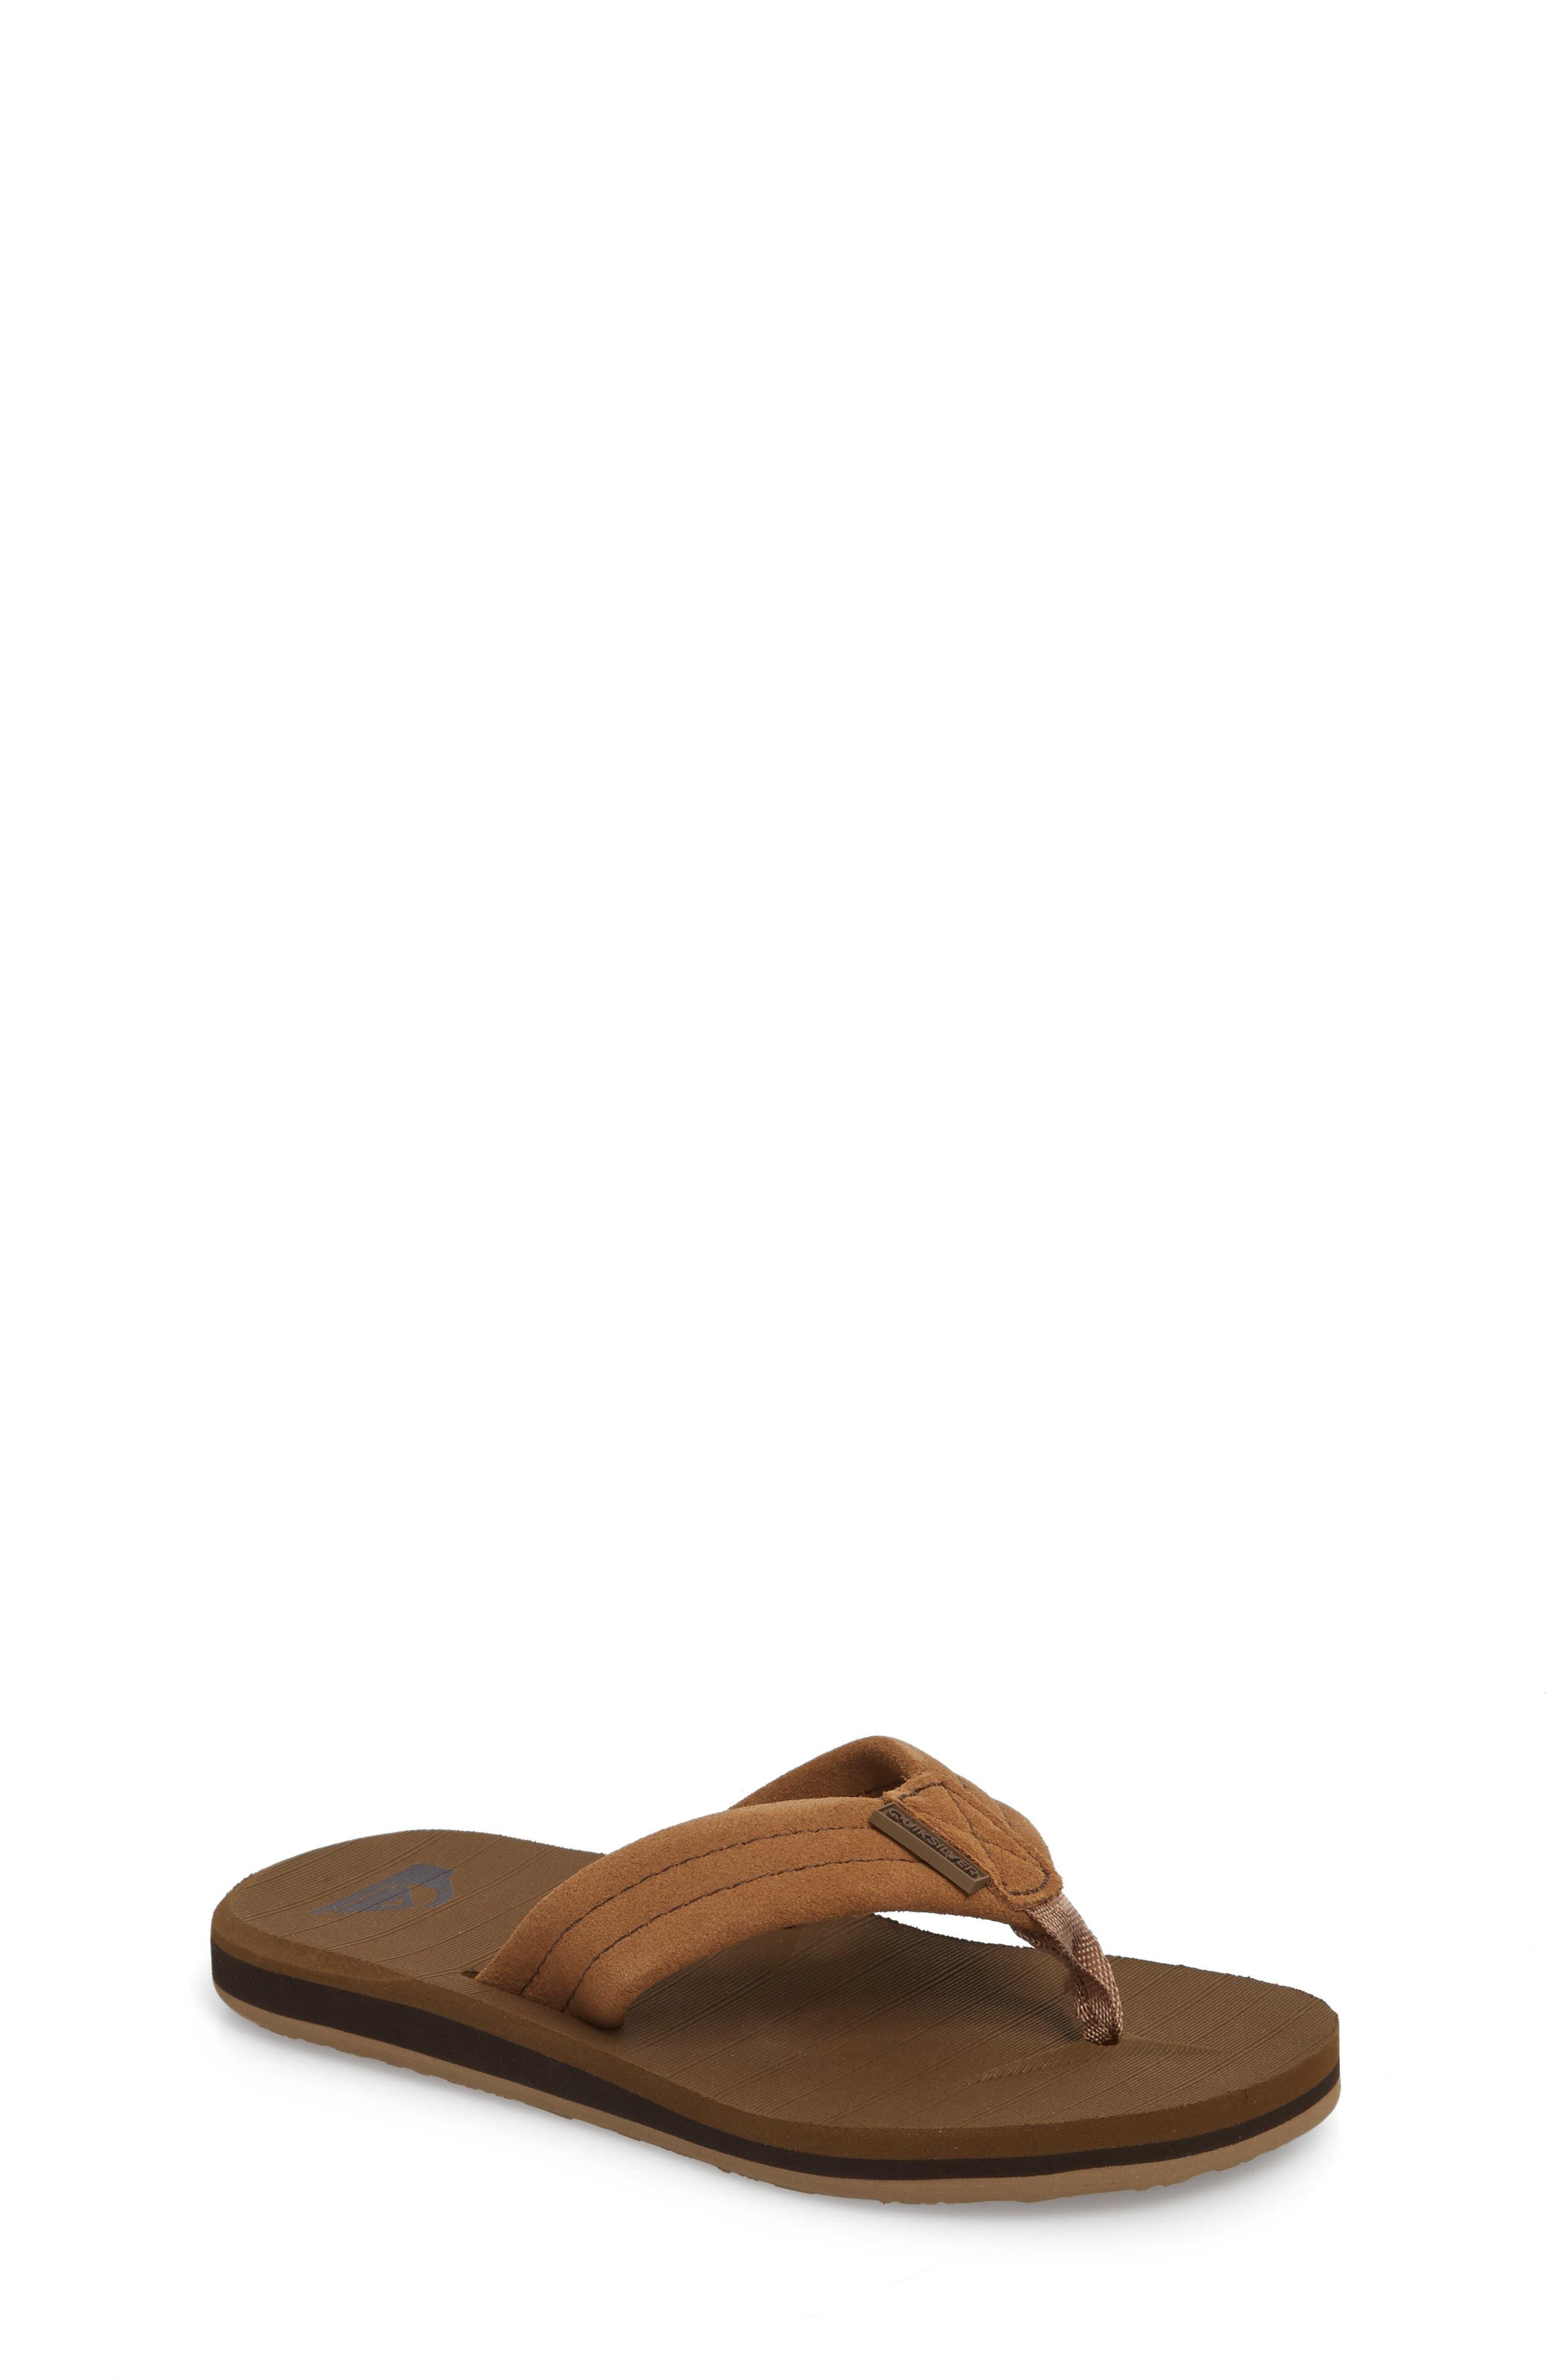 Carver Flip Flop, Main, color, TAN